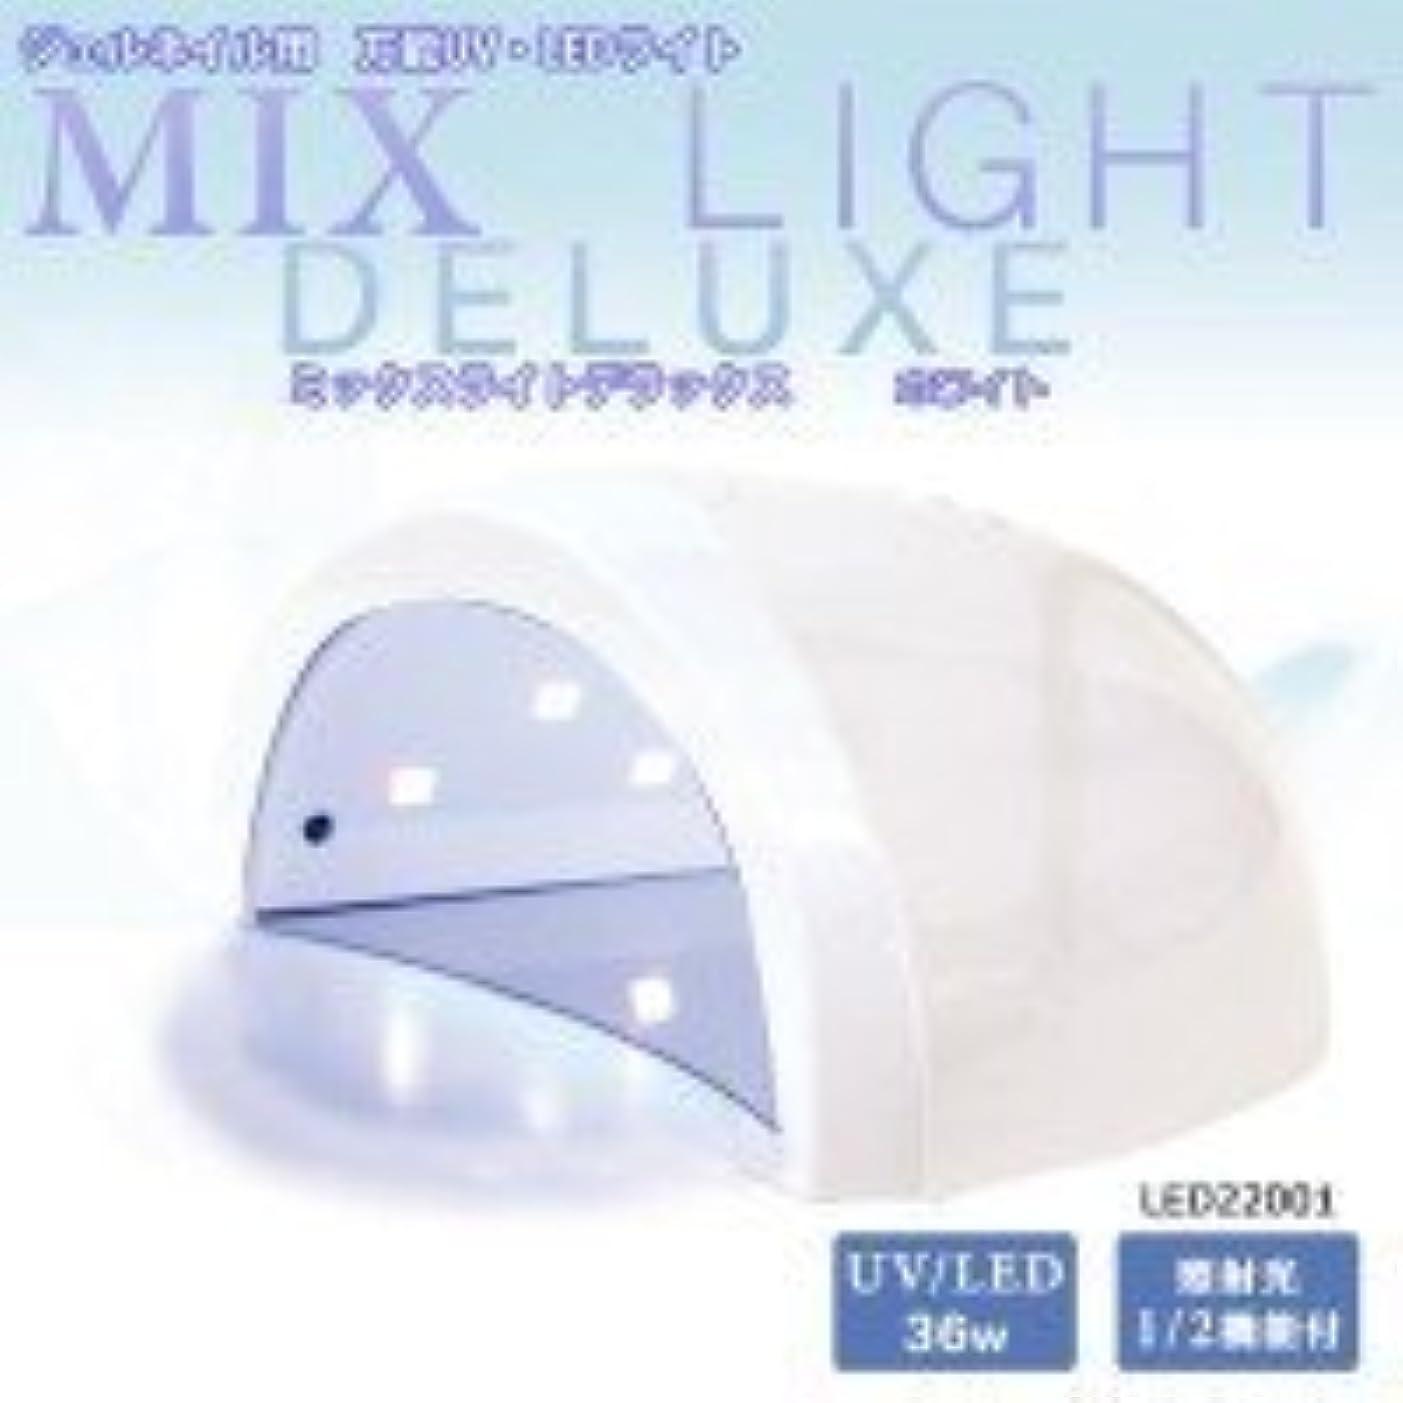 侵入するストレージハントビューティーワールド ジェルネイル用 万能UV?LEDライト MIX LIGHT DELUXE ミックスライトデラックス  ホワイトLED22001